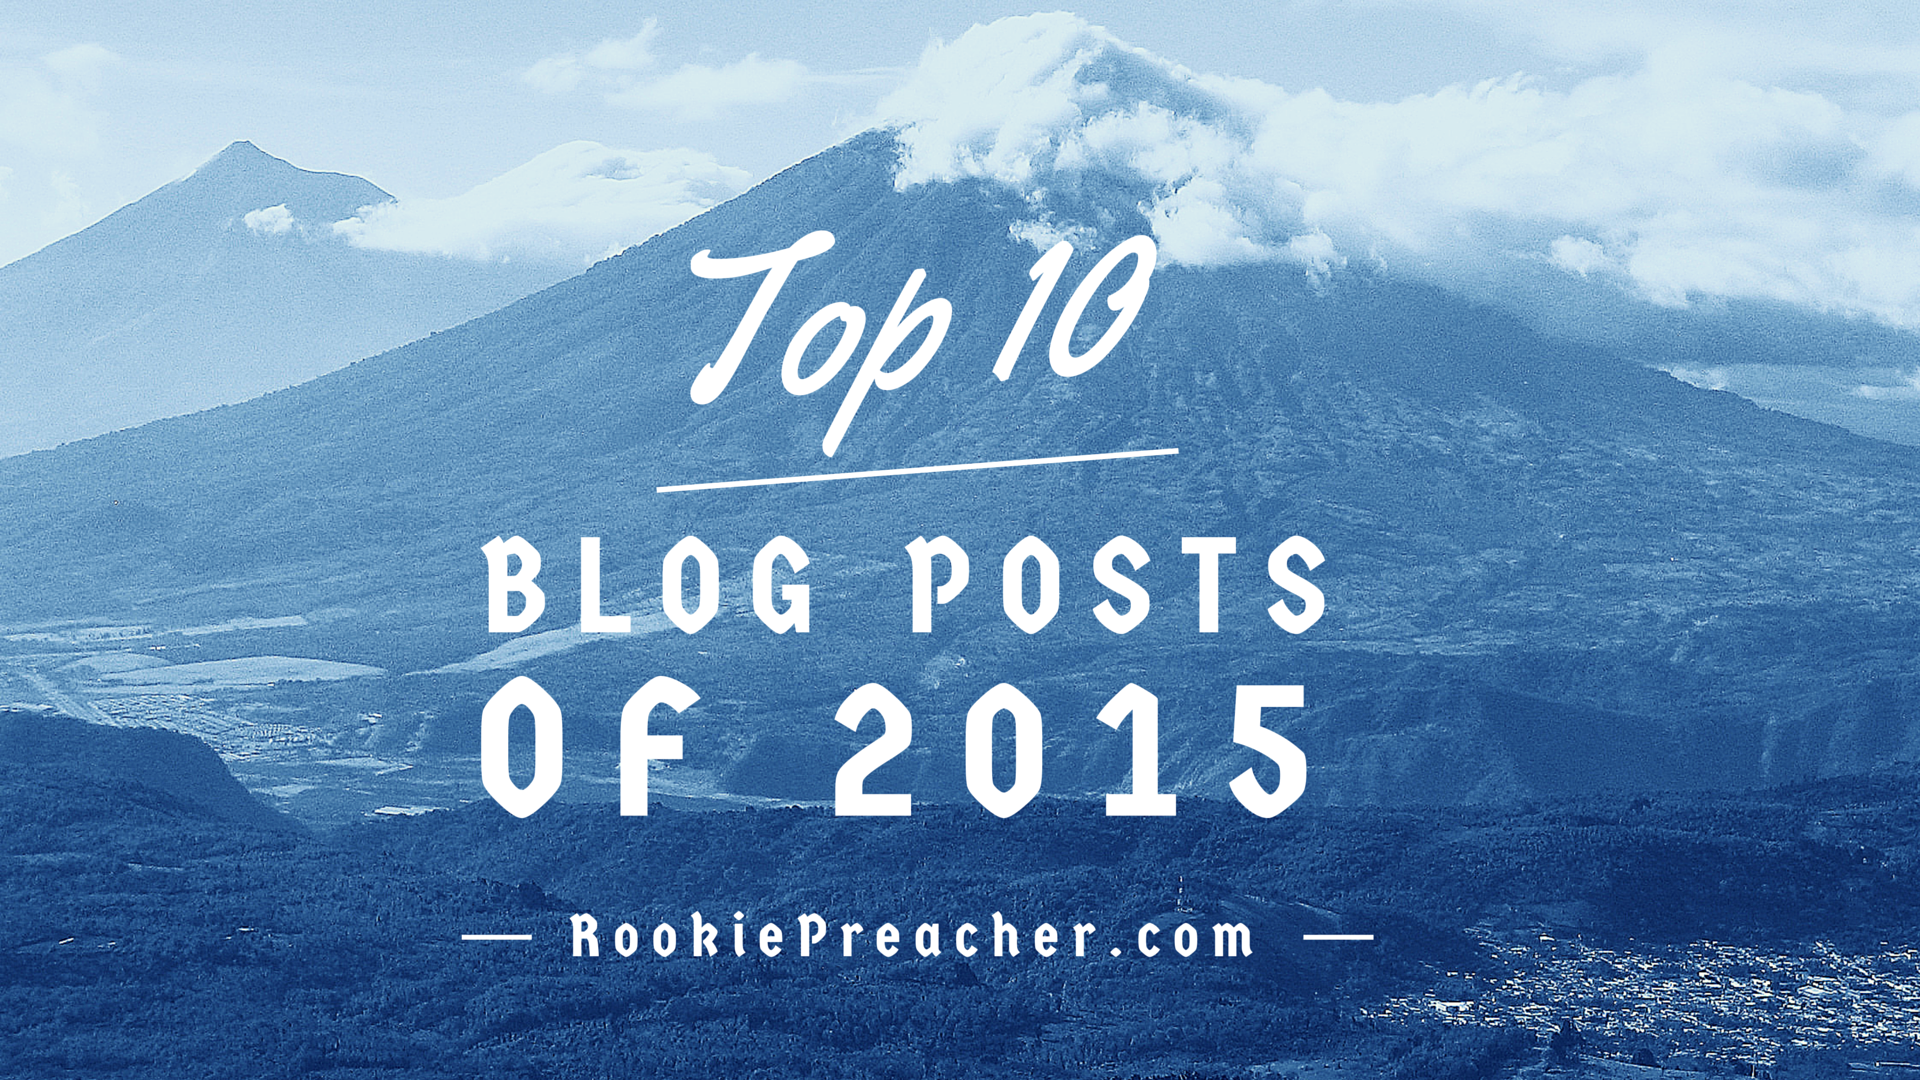 Top 10 Blog Posts of 2015 - Rookie Preacher